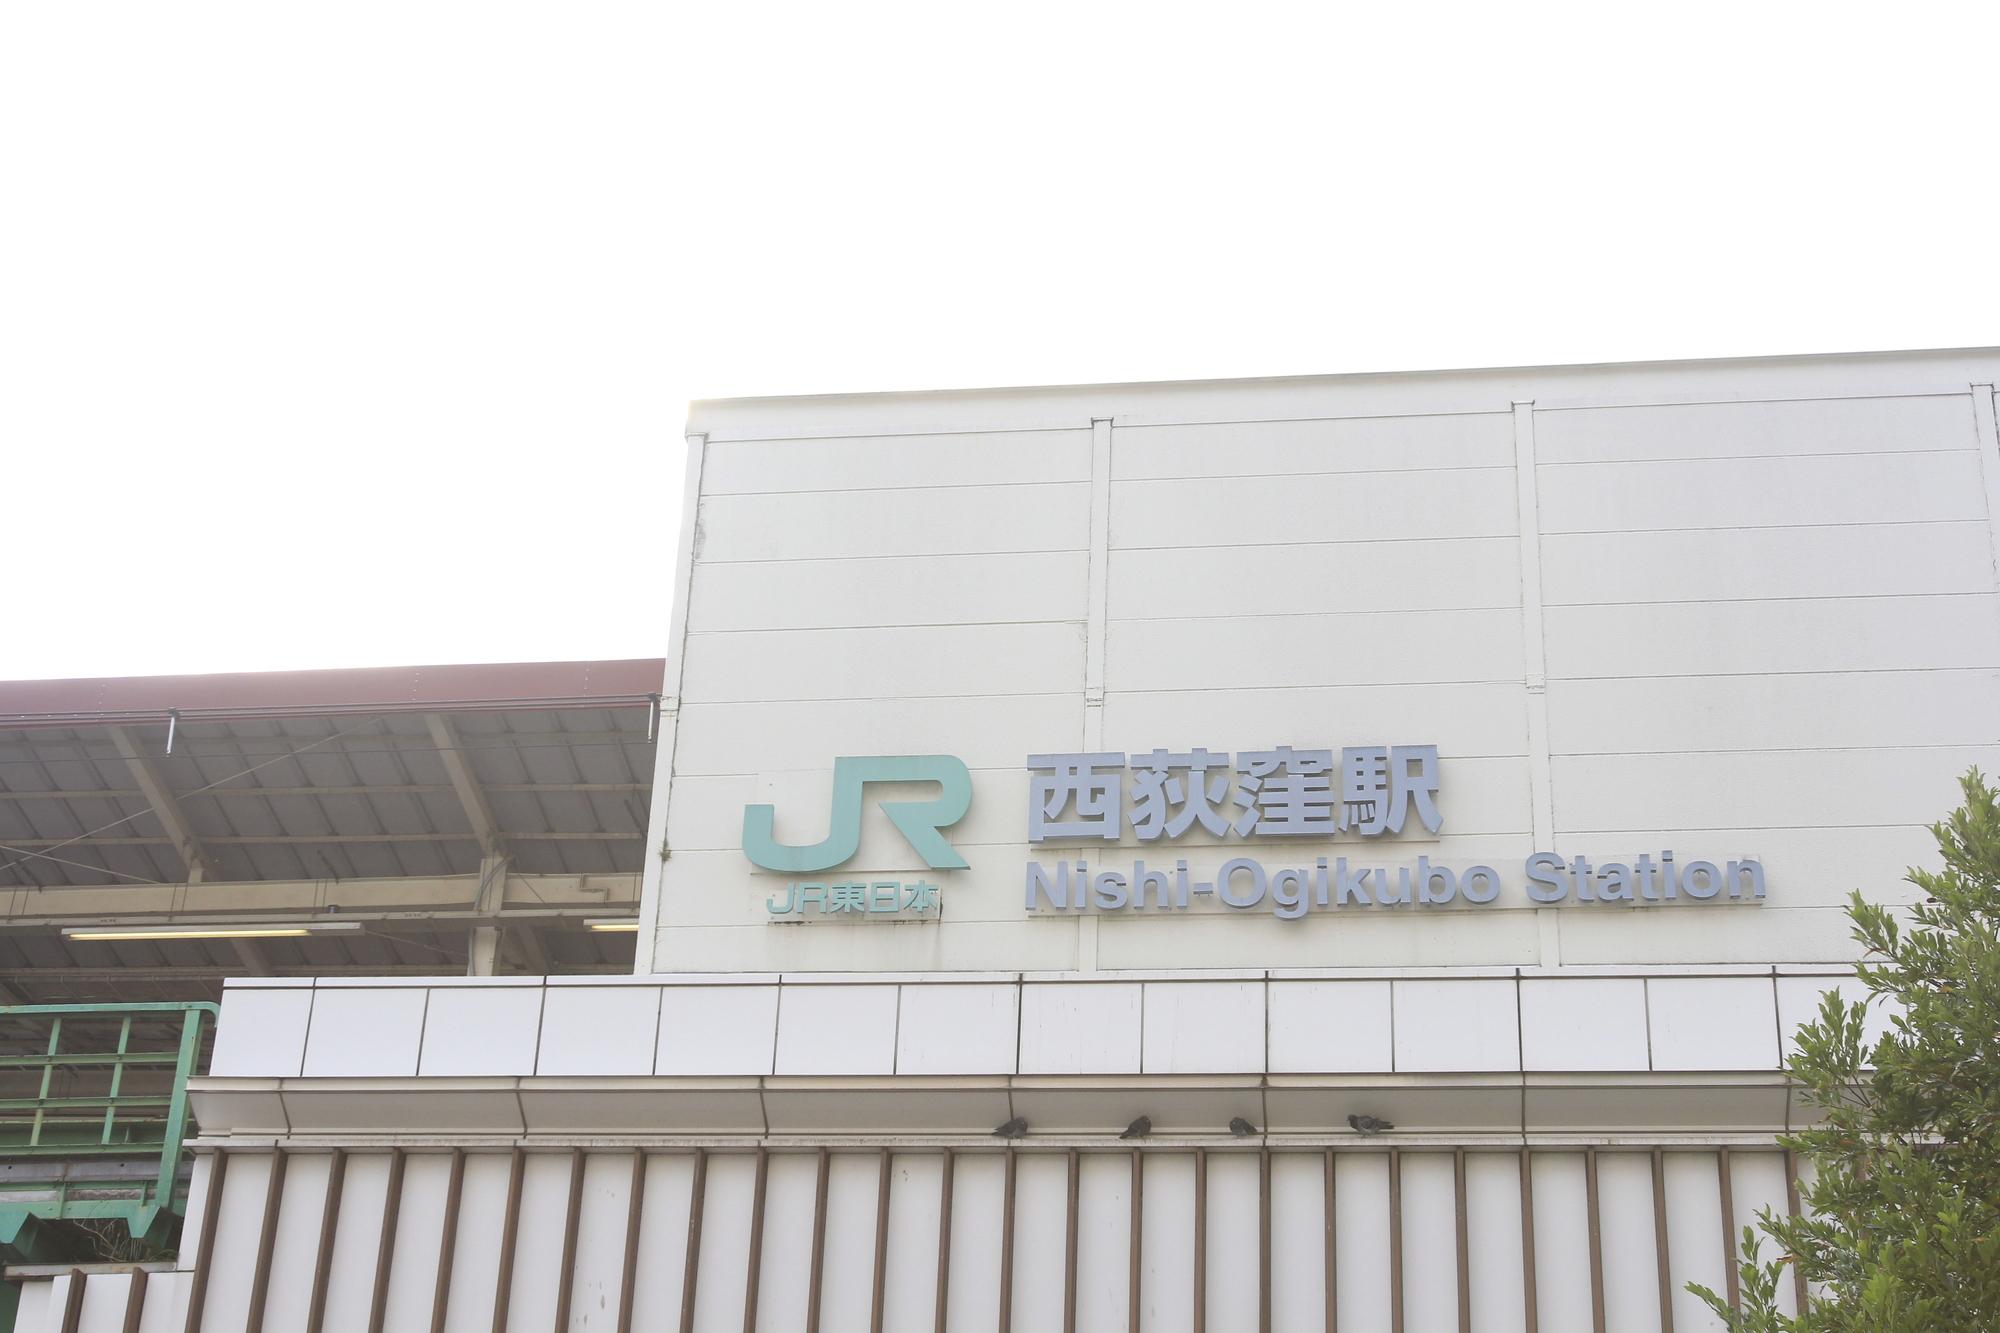 土曜に通院したい方へ!西荻窪駅の歯医者さん、おすすめポイント紹介